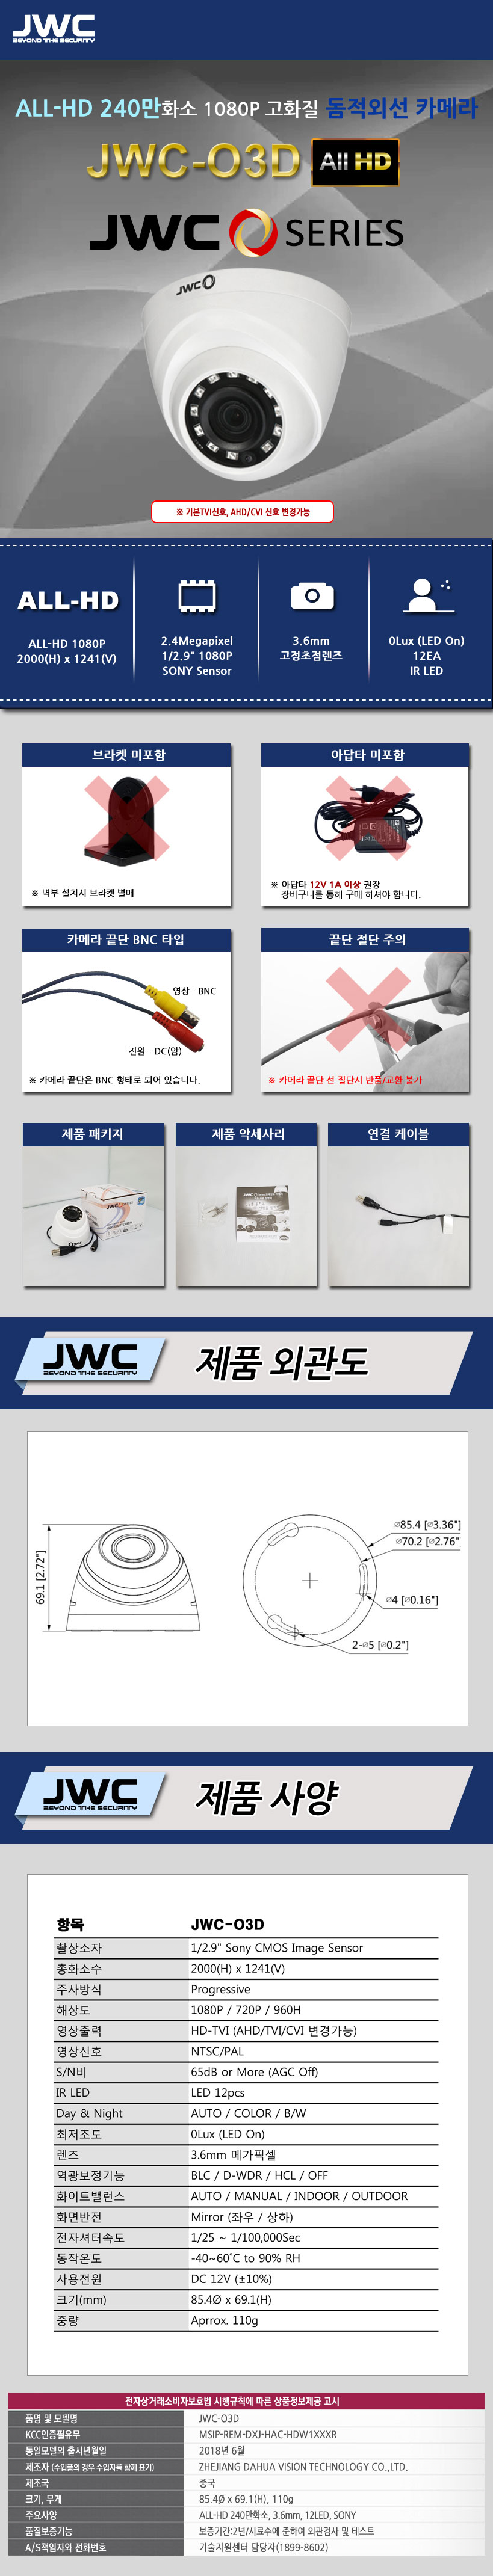 JWC-O3D_.jpg